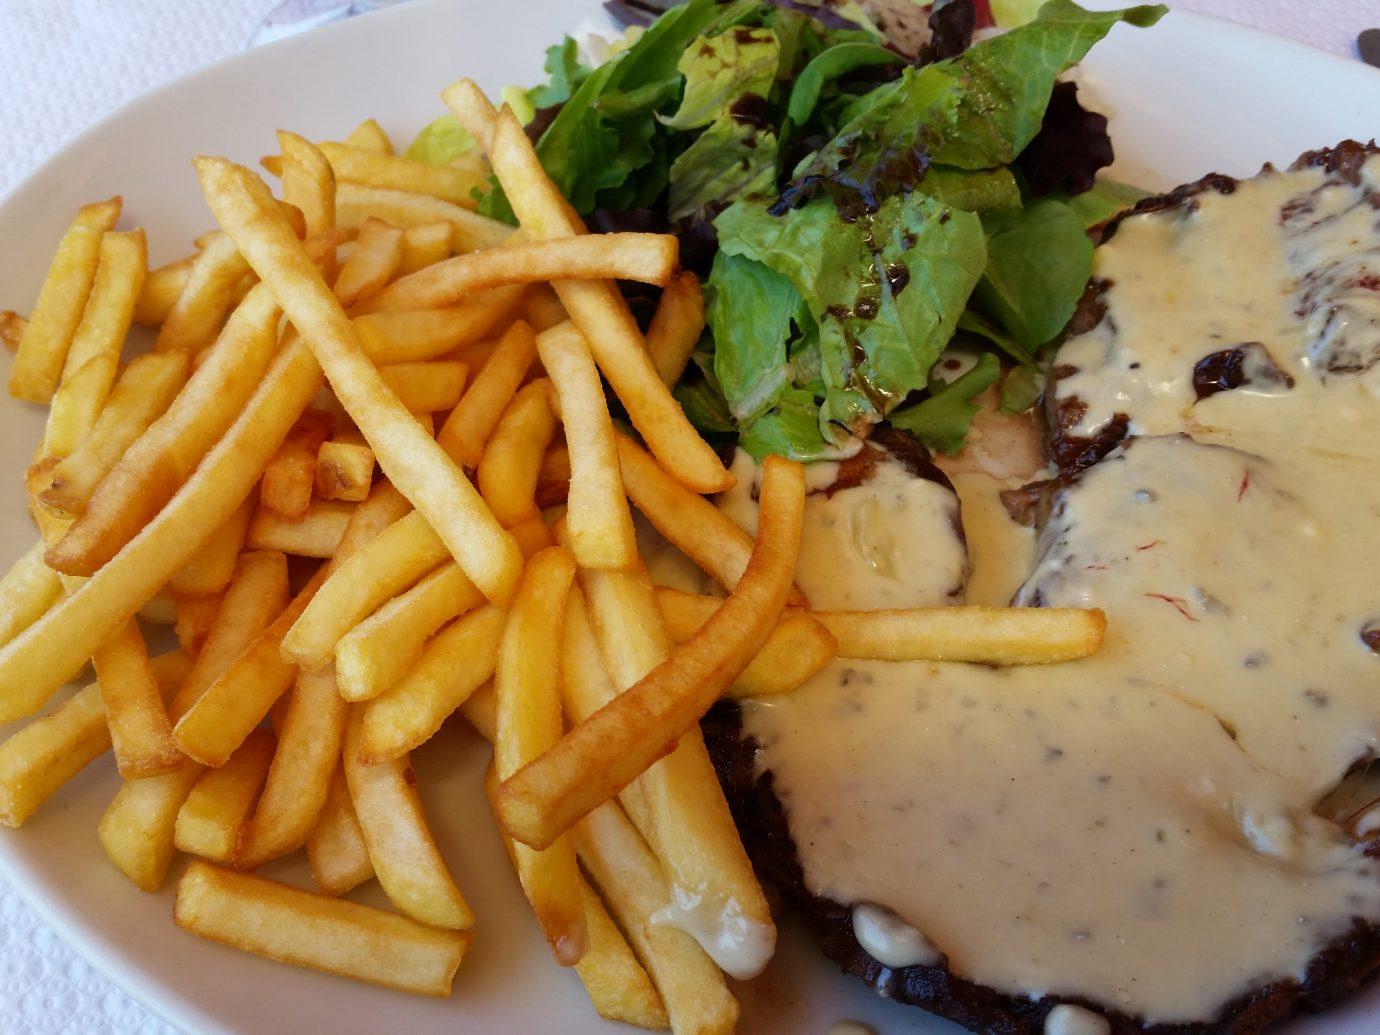 Steak Frites at Bistrot Paul Bert in Paris, France